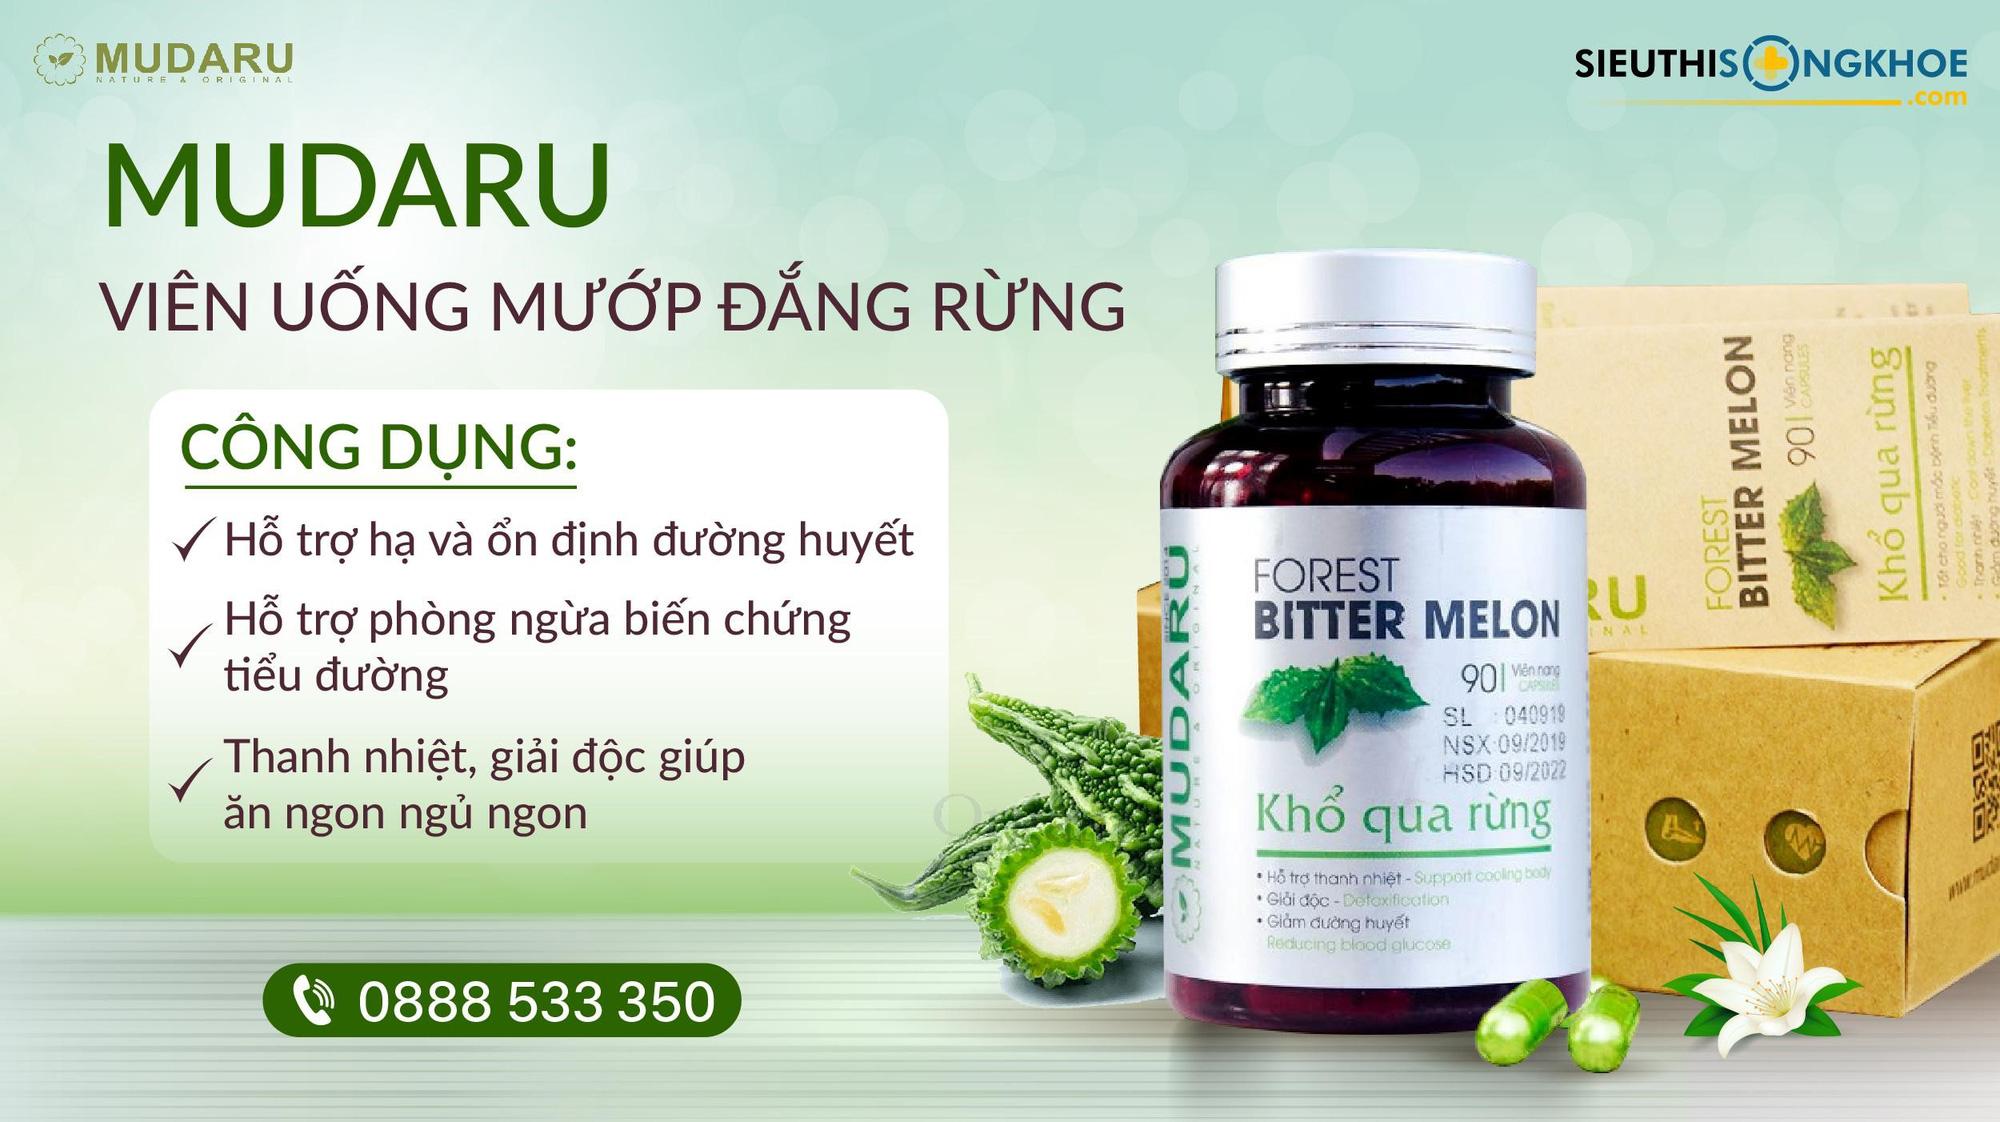 Viên Uống Mudaru - Thực Phẩm Chức Năng Từ Nông Sản Việt - Ảnh 3.